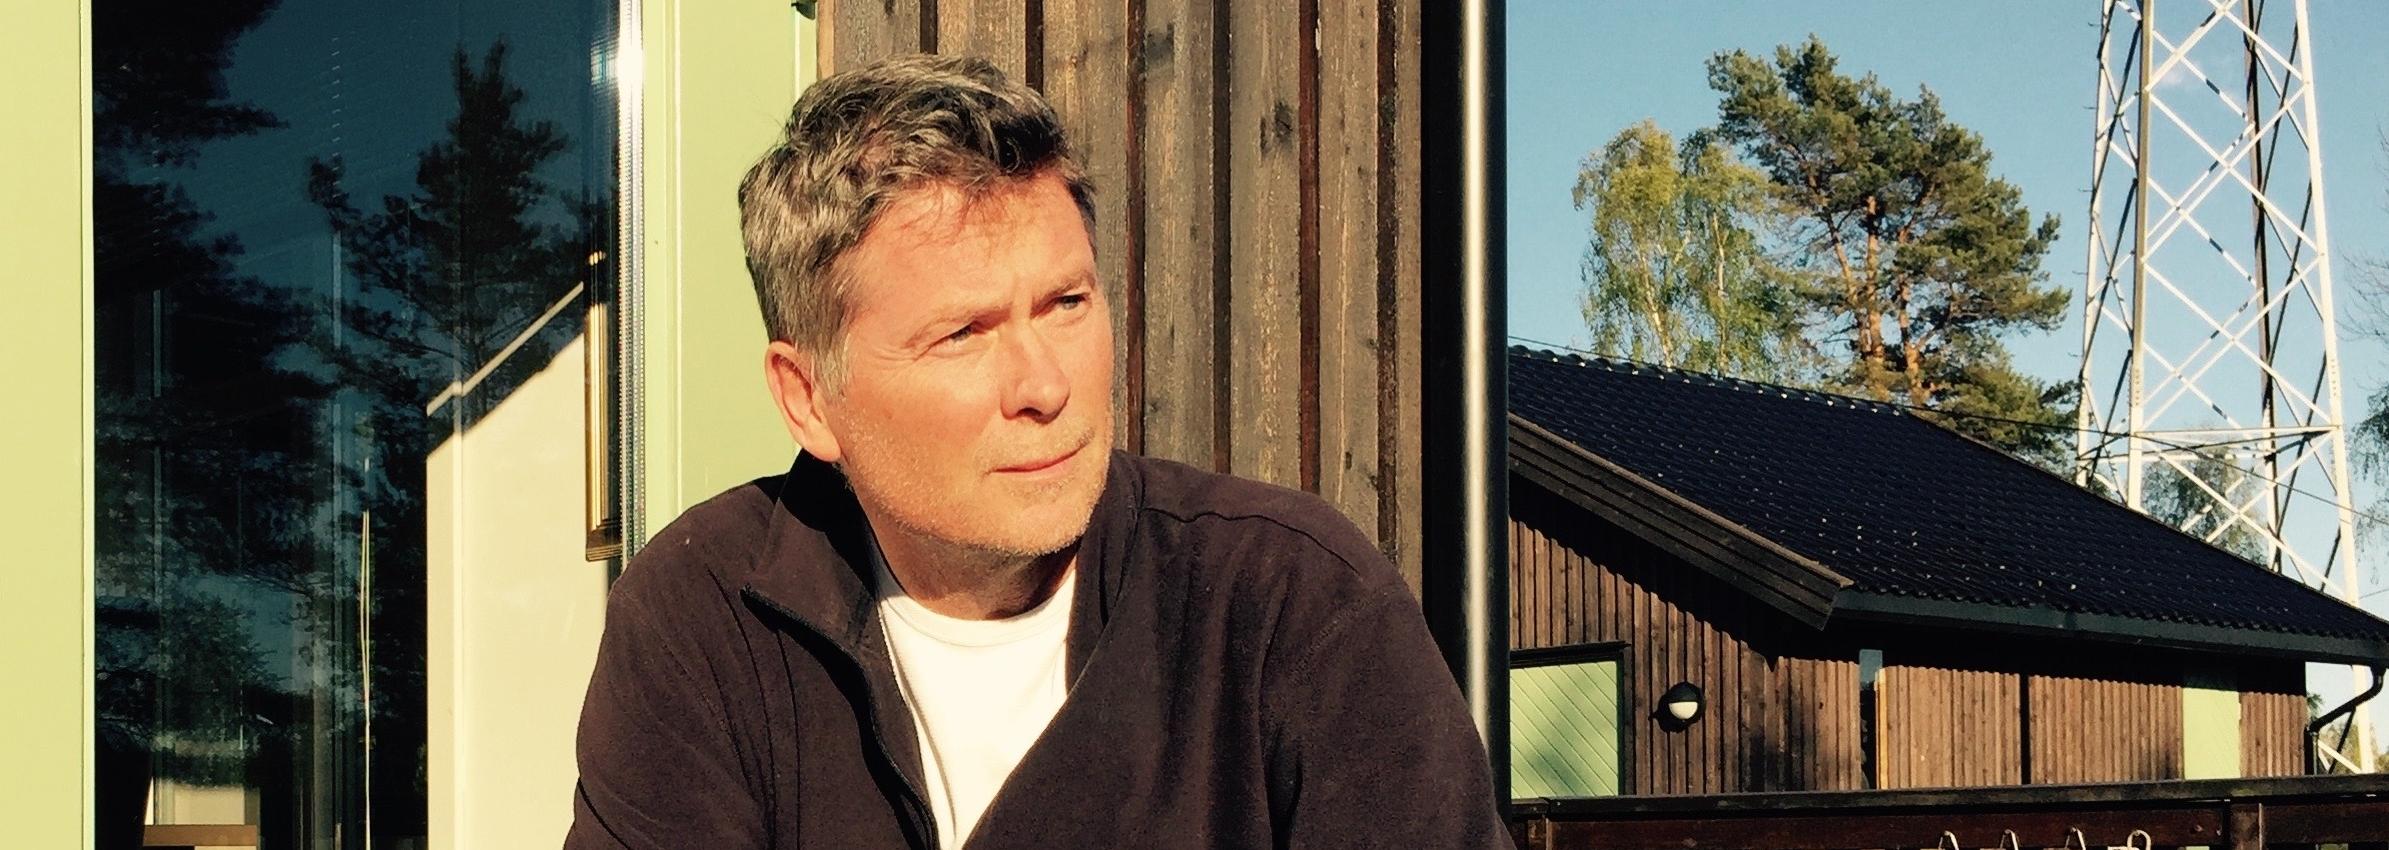 Starting 1 April,Fuhrmann will paddle 5,600 kilometres for peace